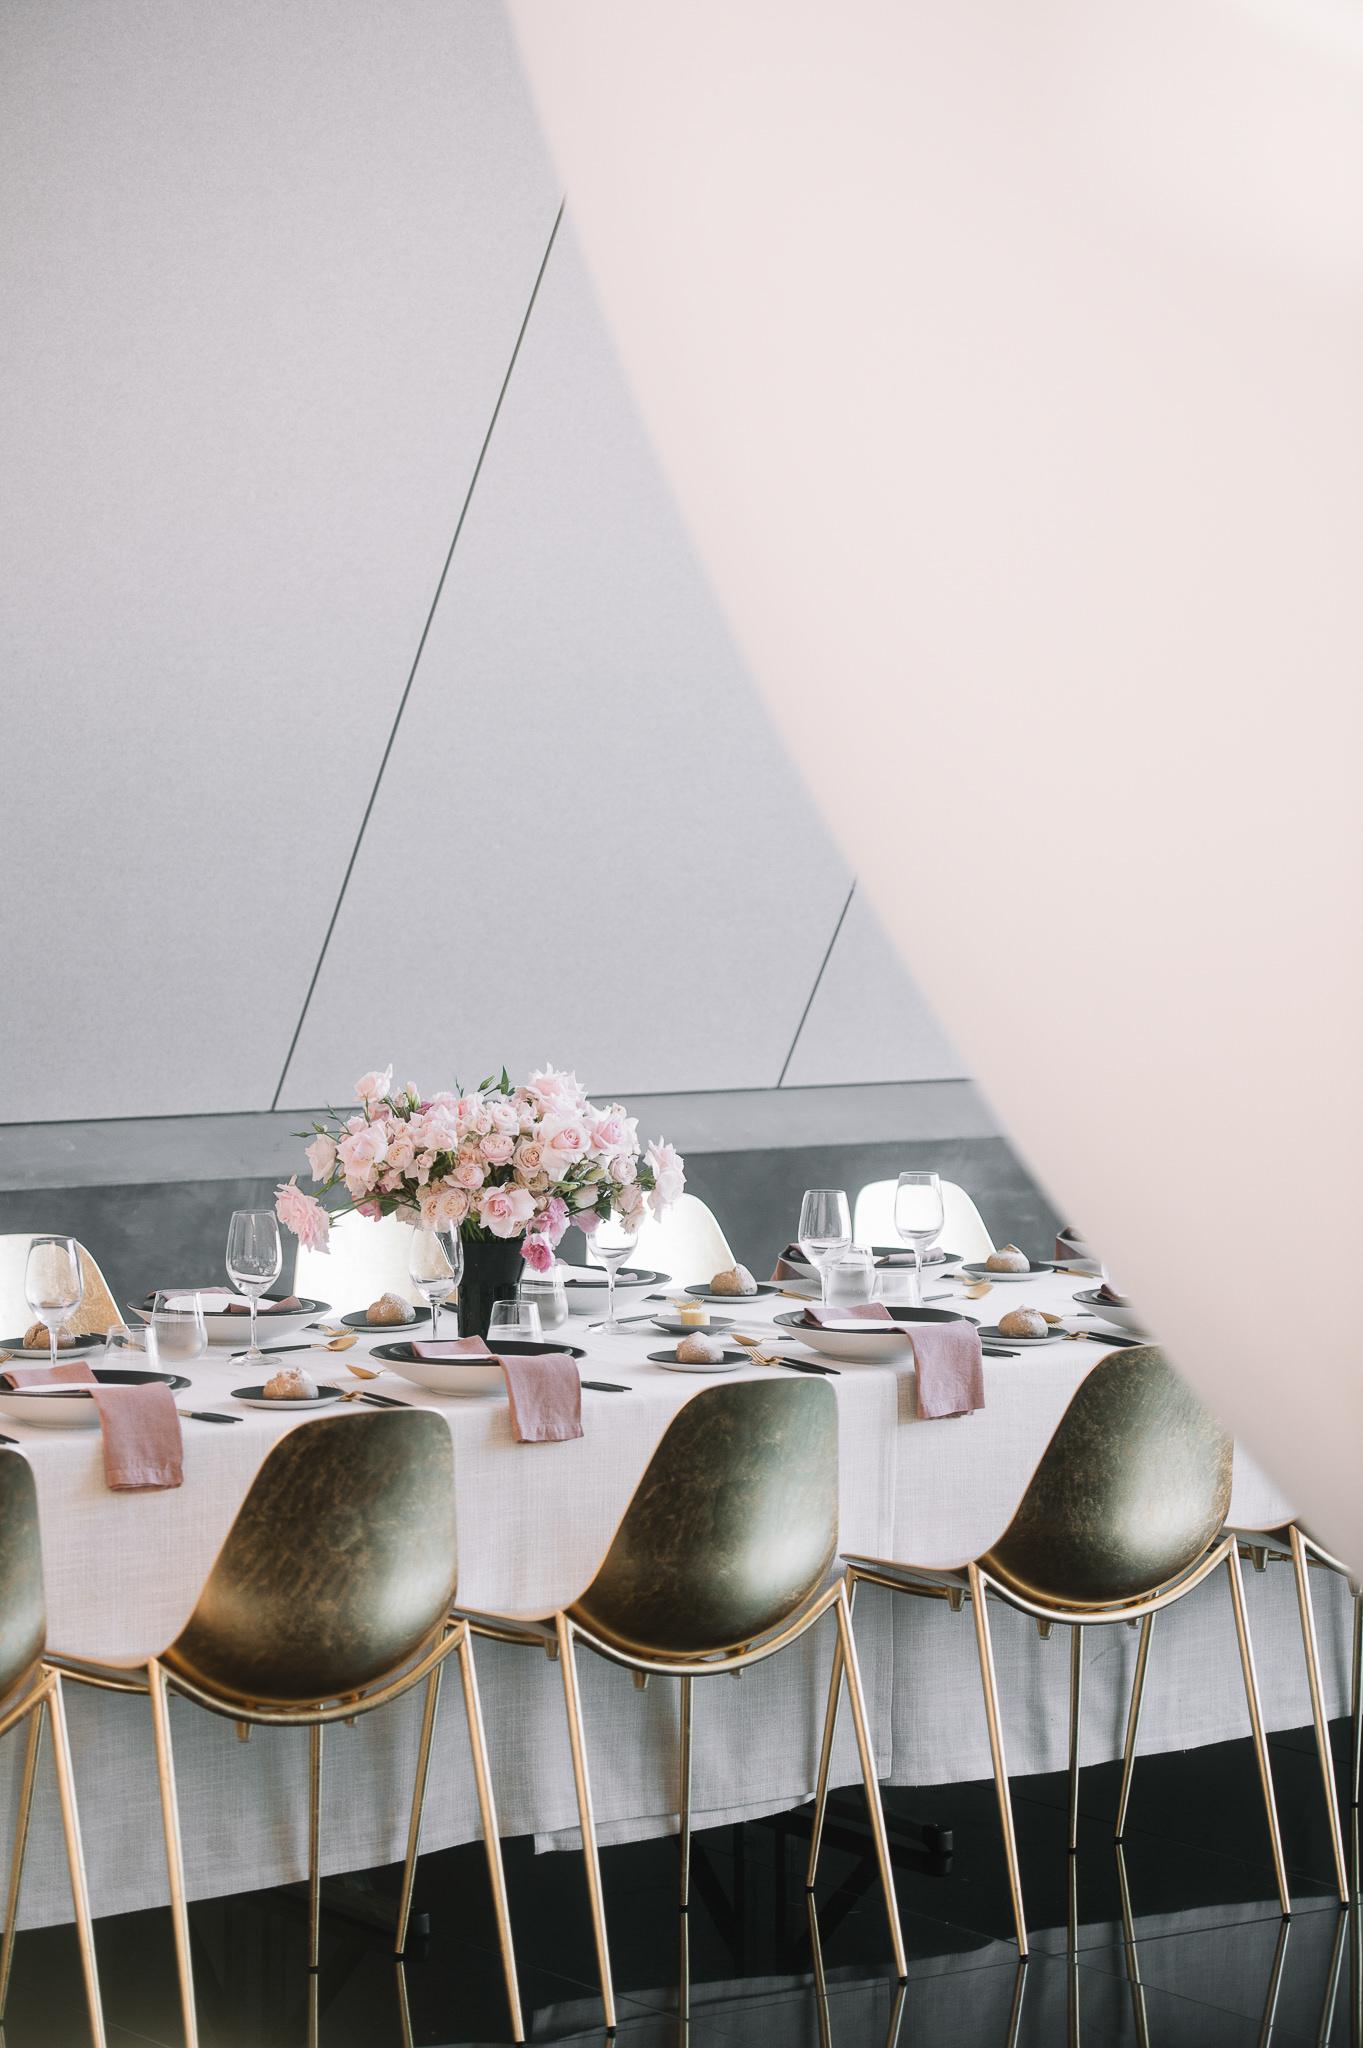 09_Faro_MONA_wedding_Jonathan_Wherrett.jpg